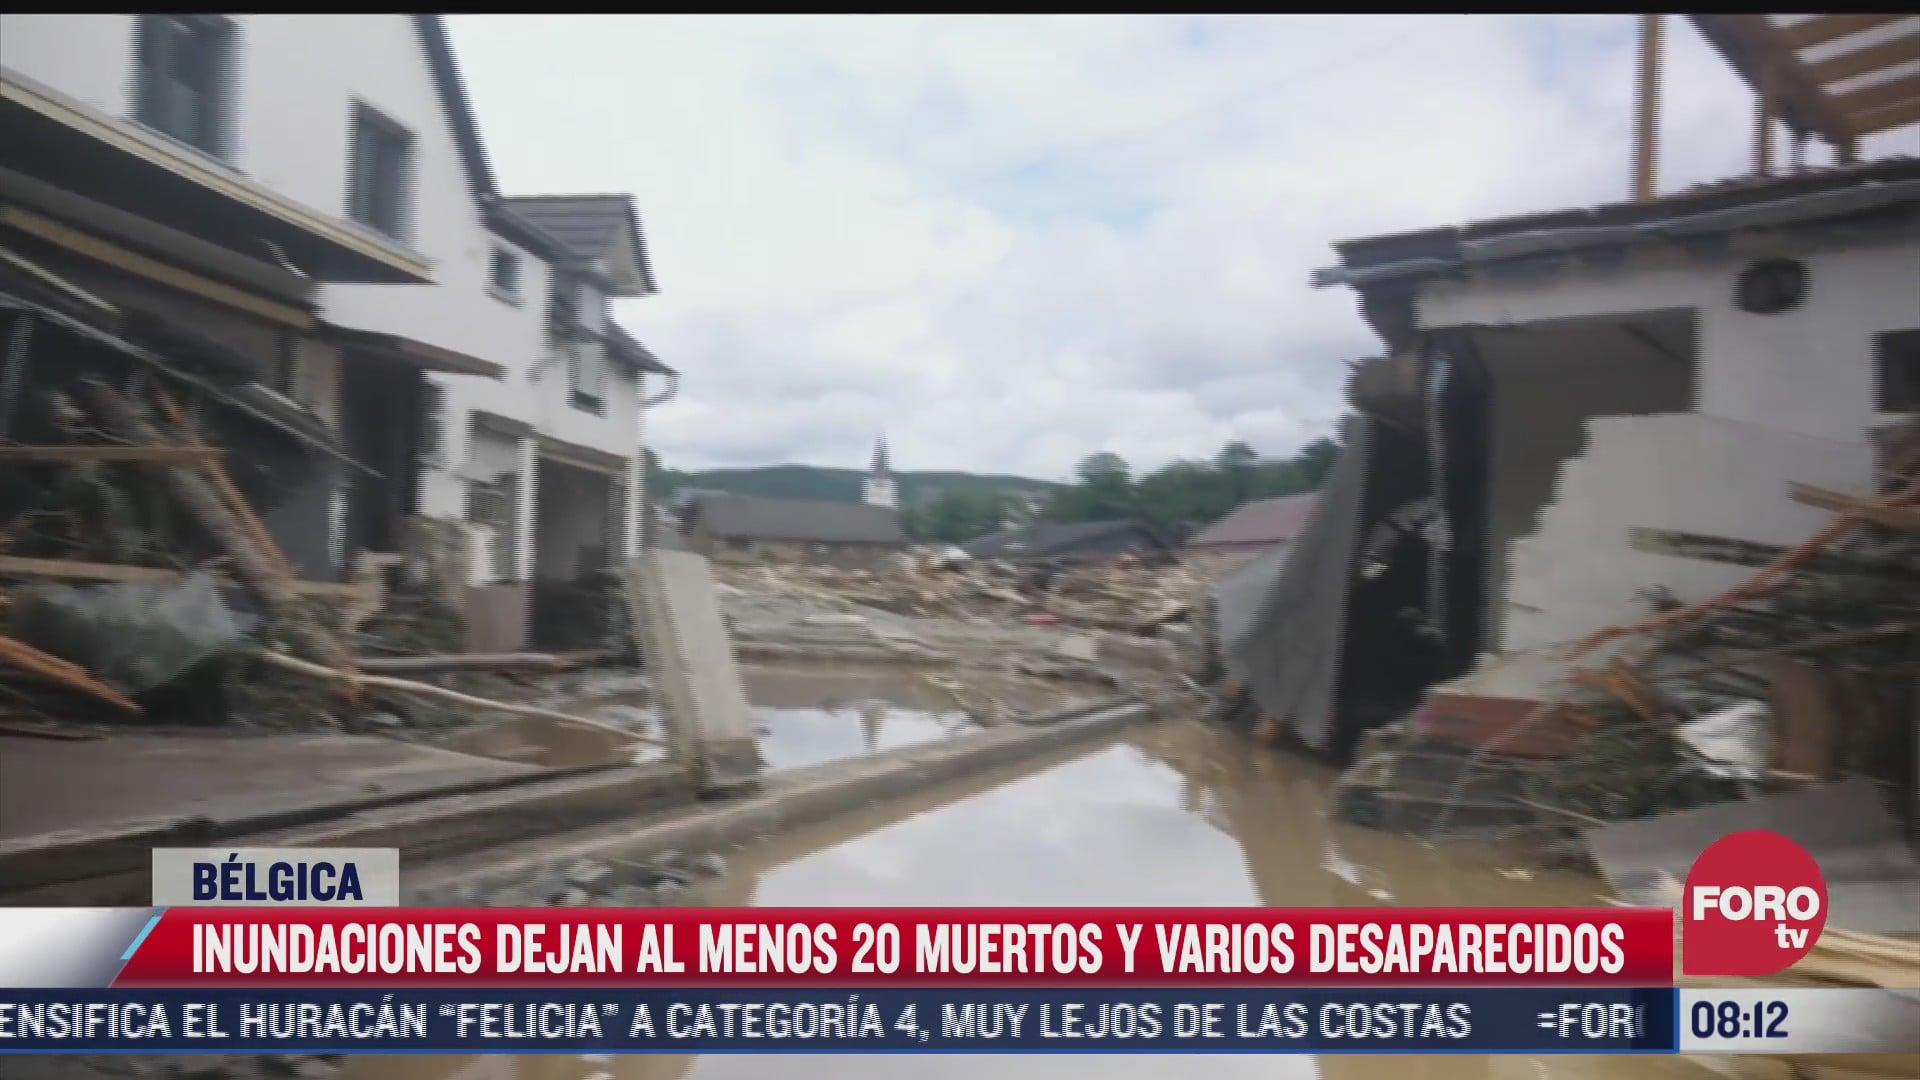 lluvias dejan al menos 20 muertos y varios desaparecidos en belgica